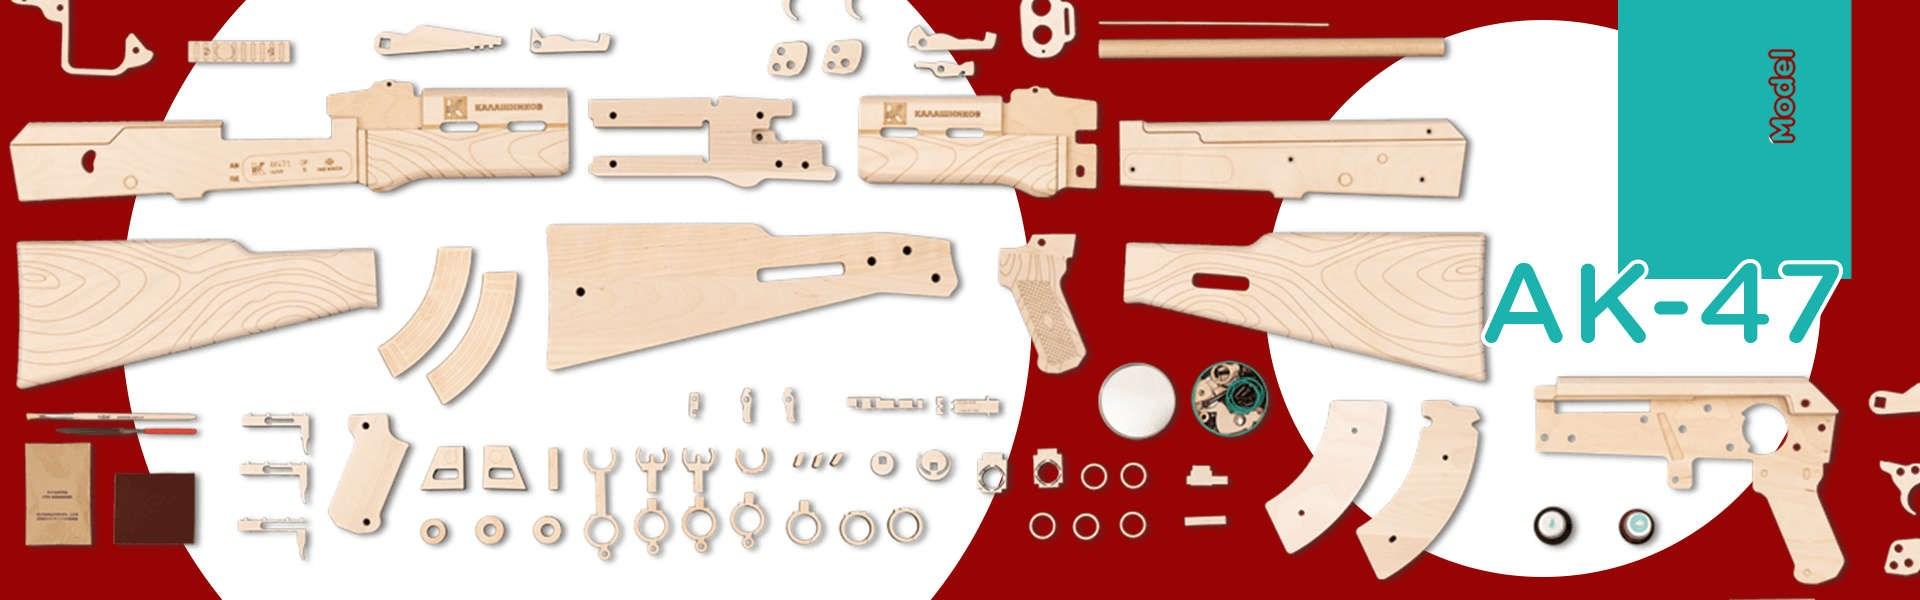 Сборная модель T.A.R.G. АК-47 - фото 4947